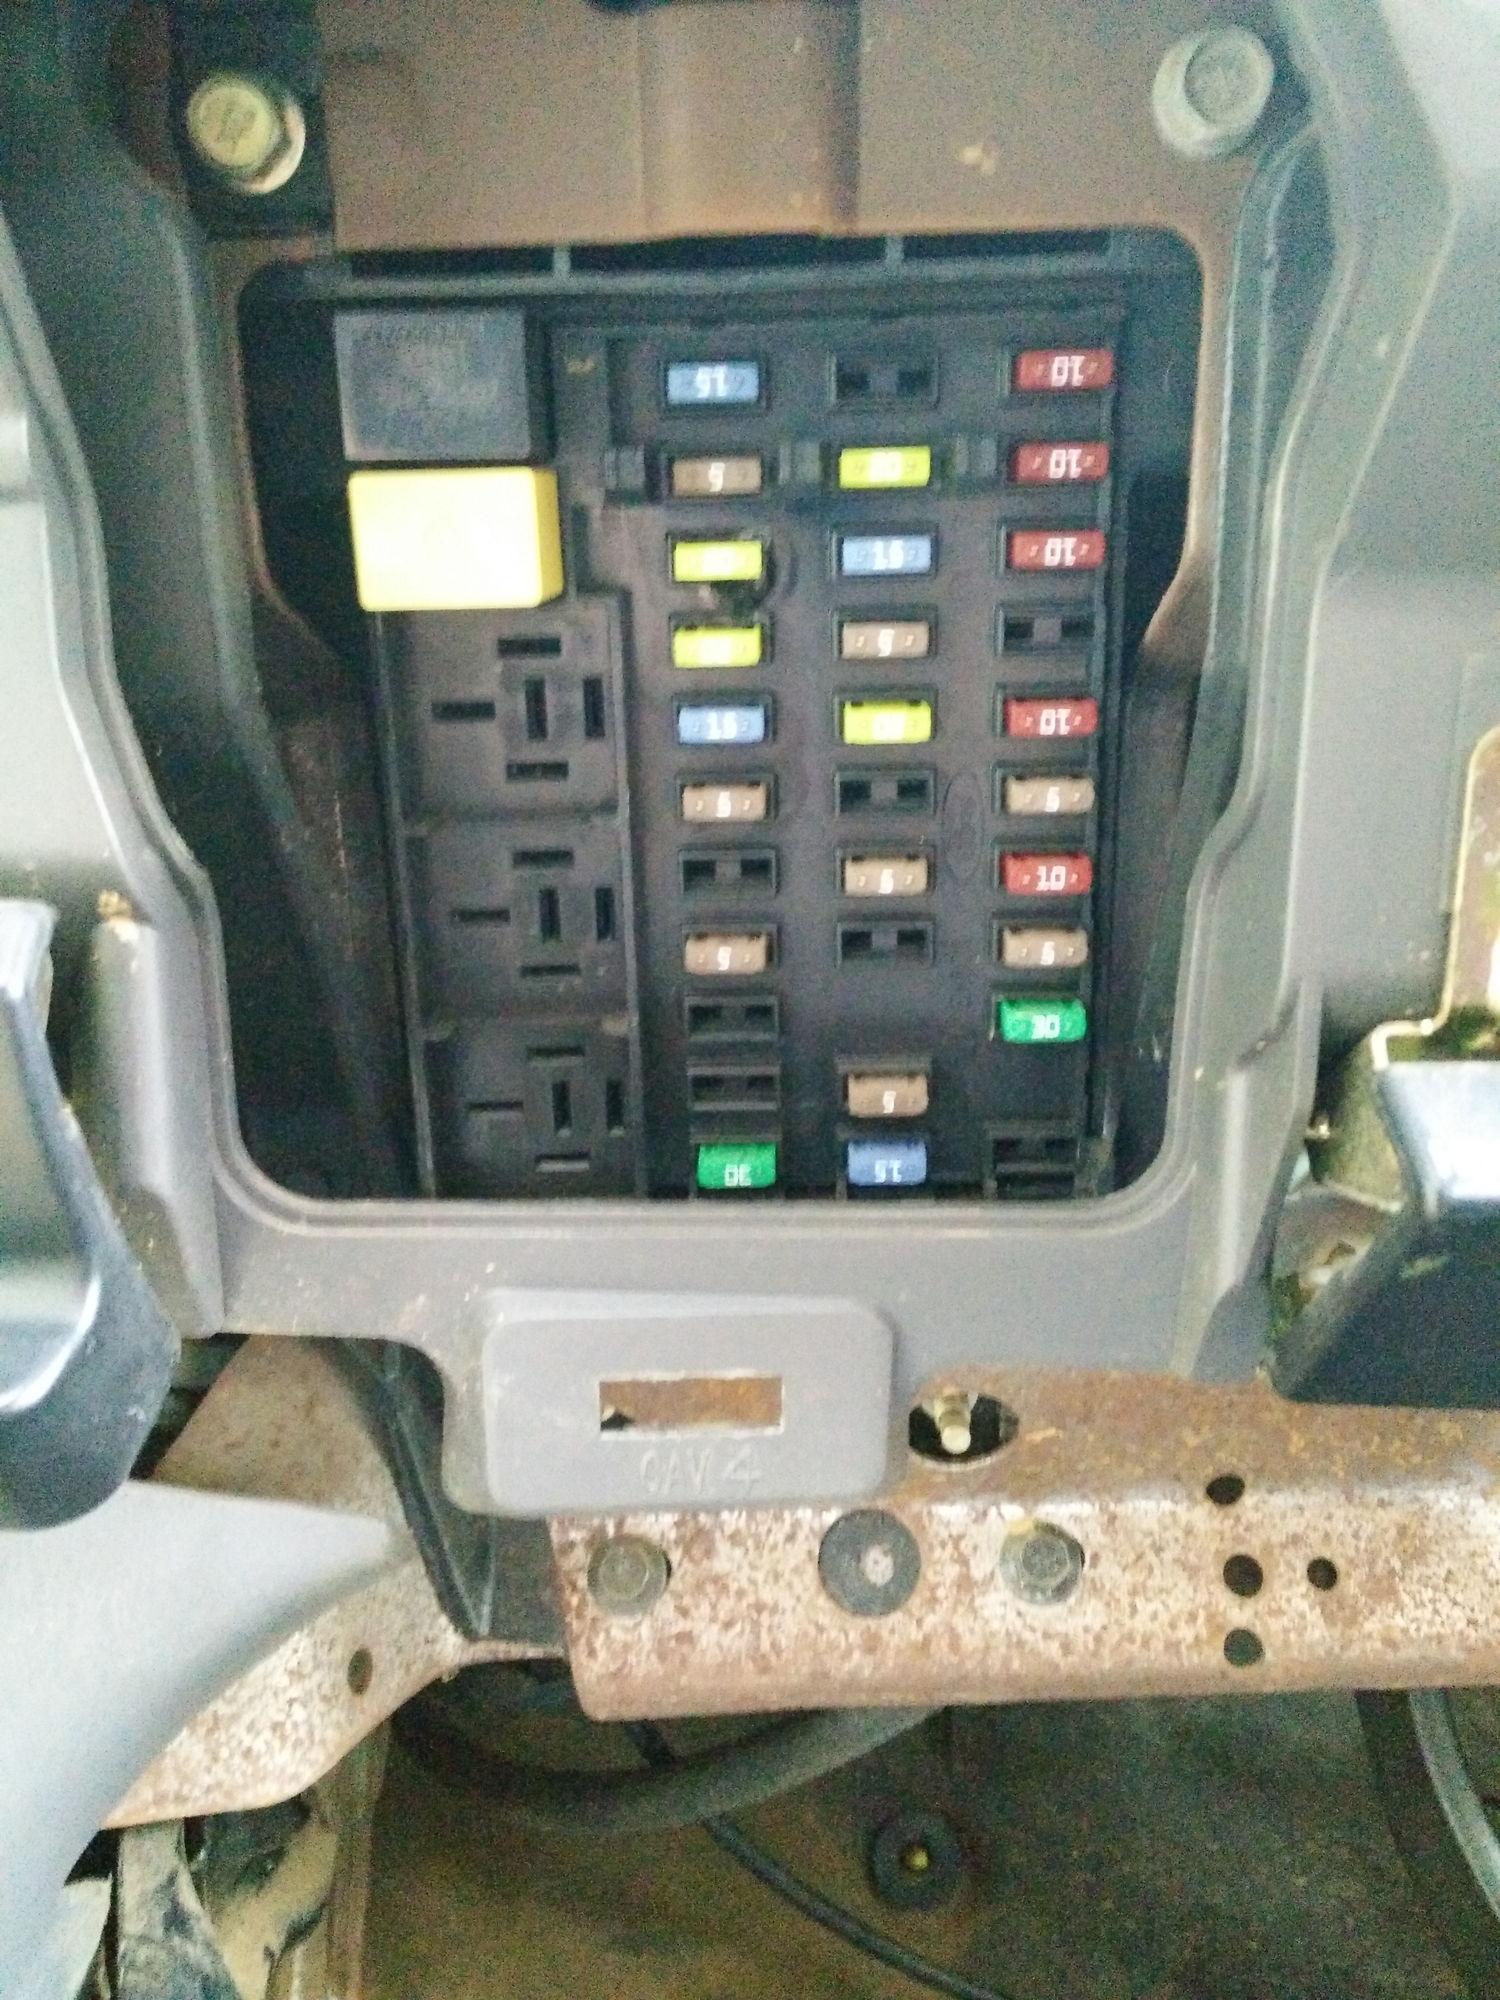 New Truck - 2003 F-150 Xl Supercab Bi-fuel - Page 2